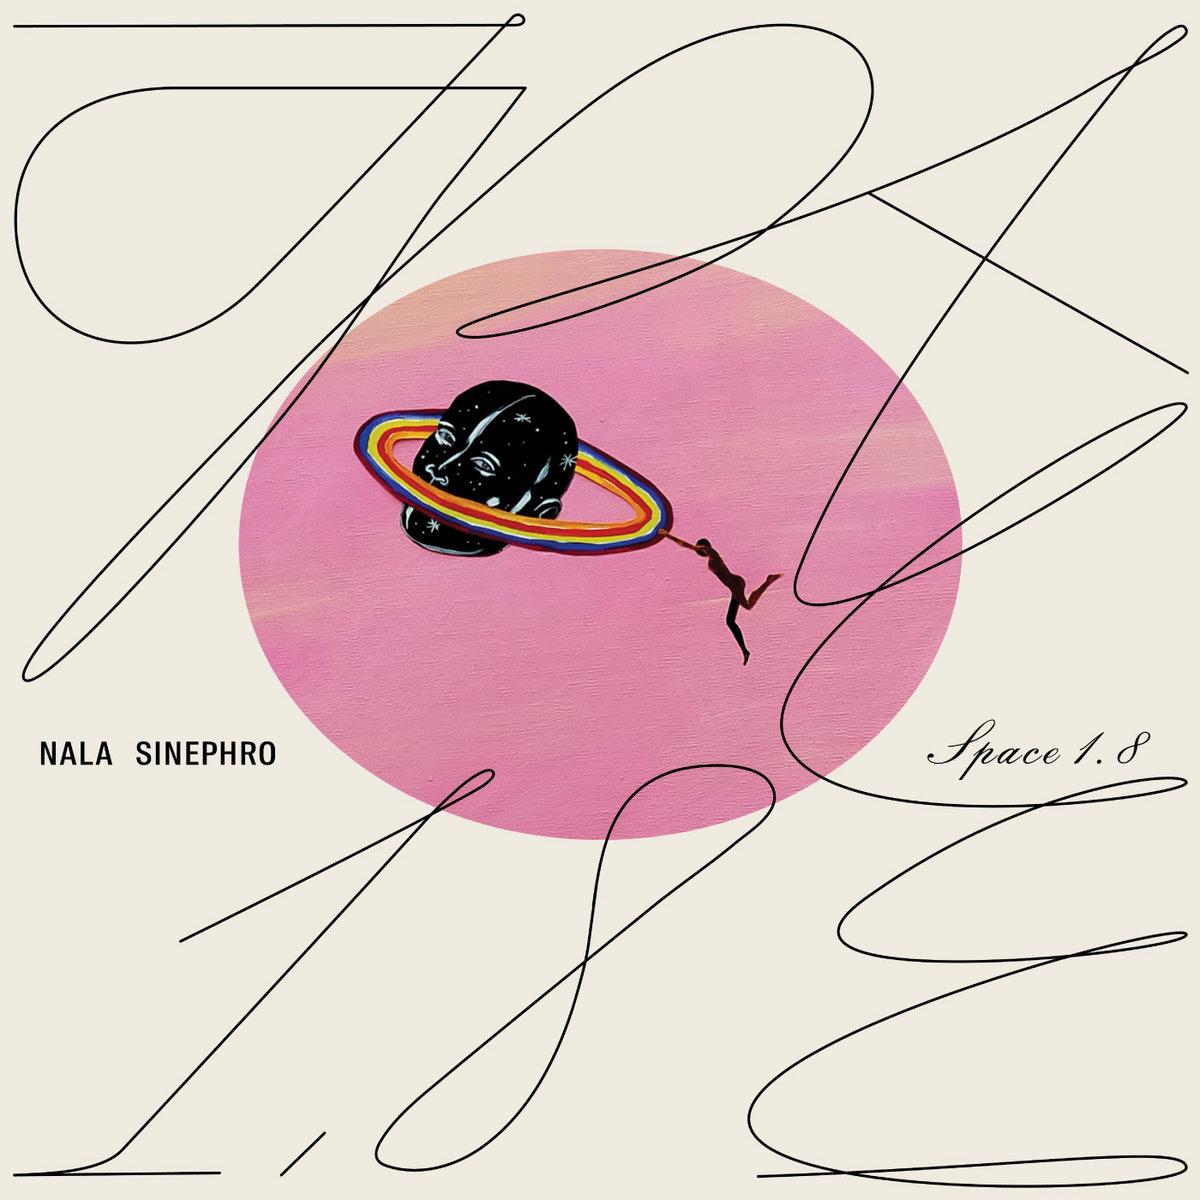 Nala Sinephro | Space 1.8